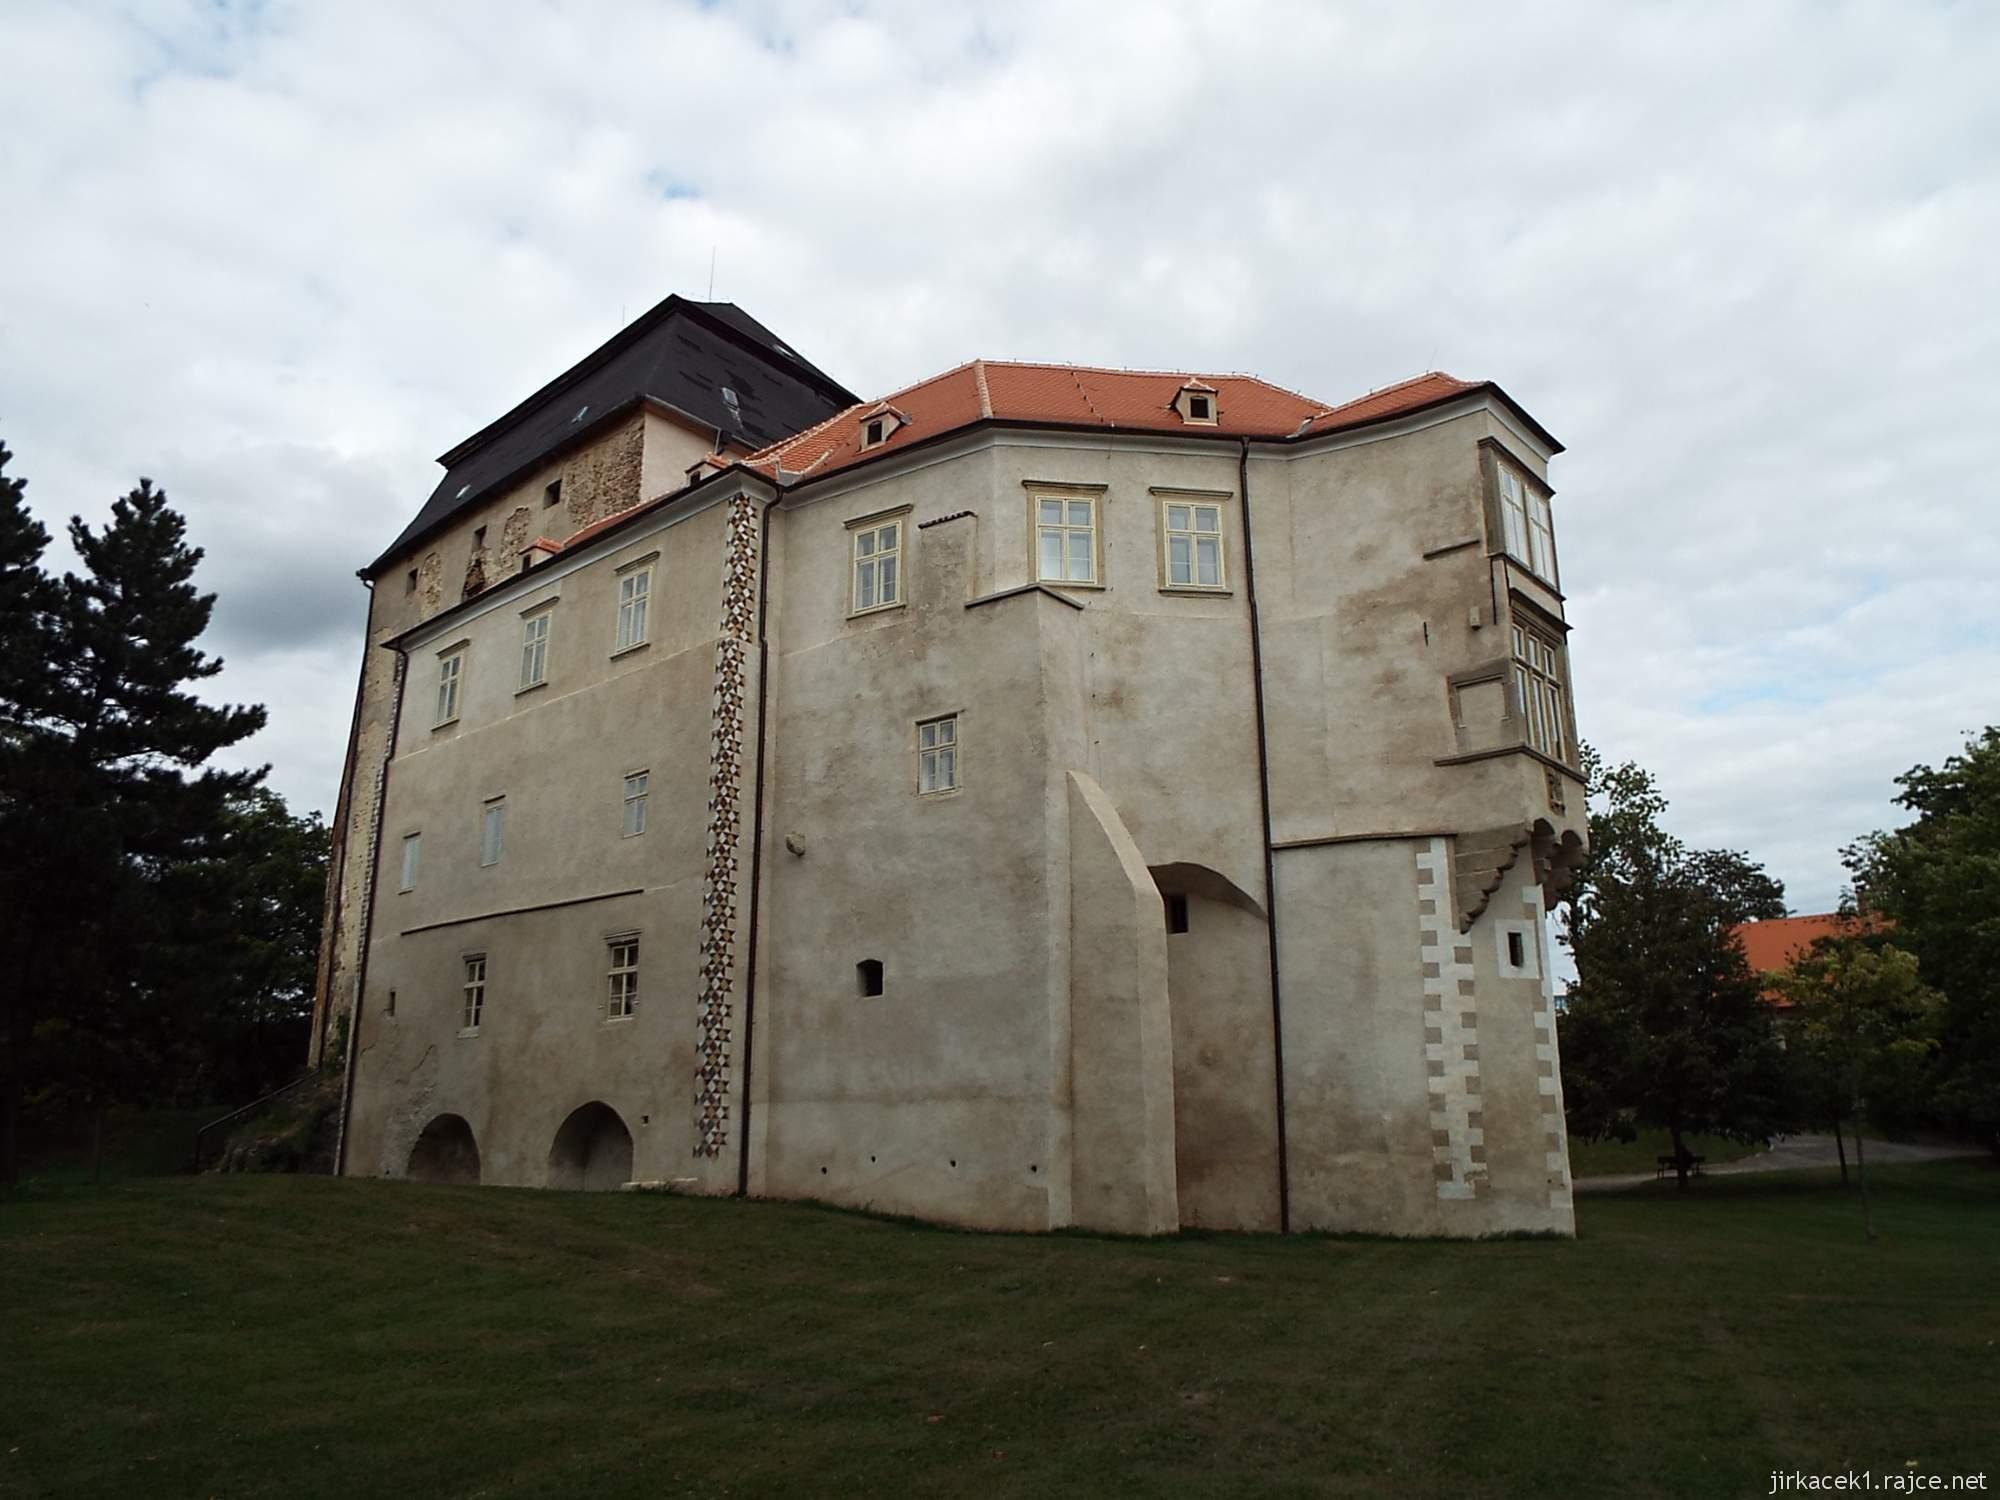 zámek Miroslav 64 - zámek na louce